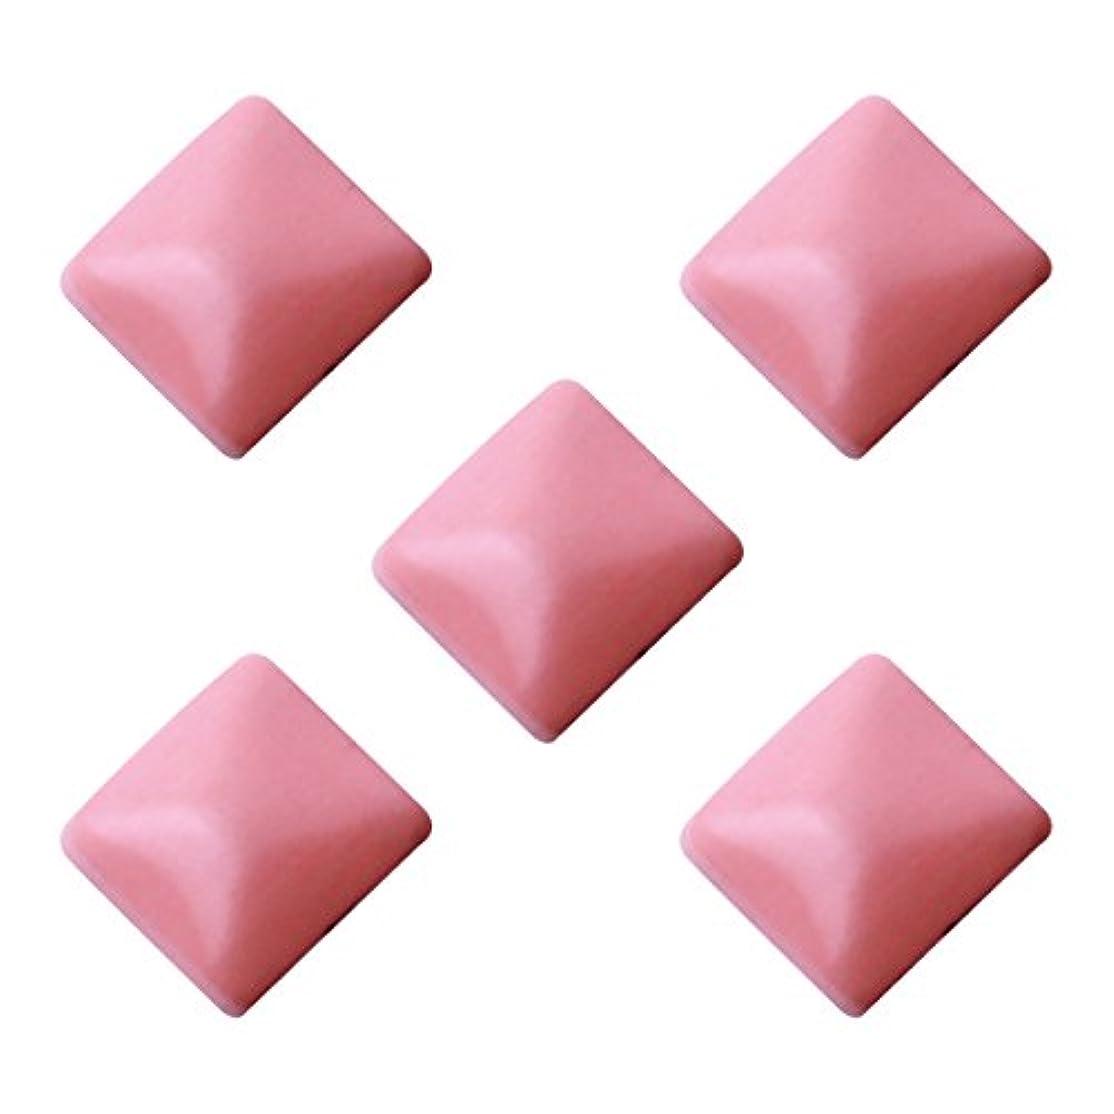 パステルスタッズ スクエア 2×2mm(100個入り) ピンク